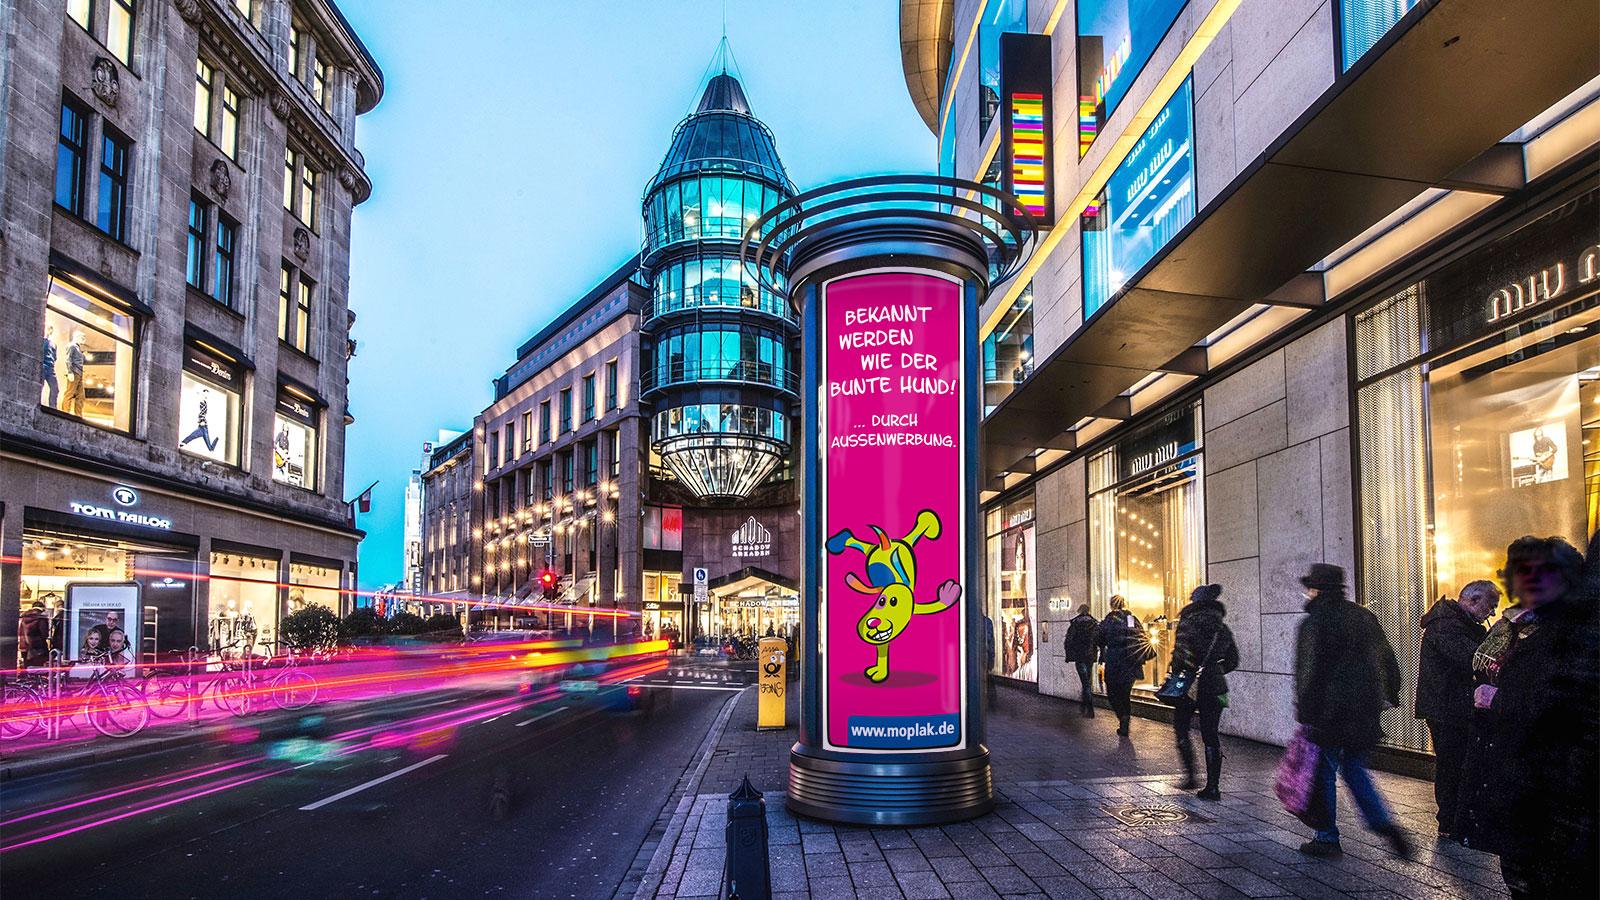 Koblenz-Aussenwerbung-Litfasssaeule-Werbung